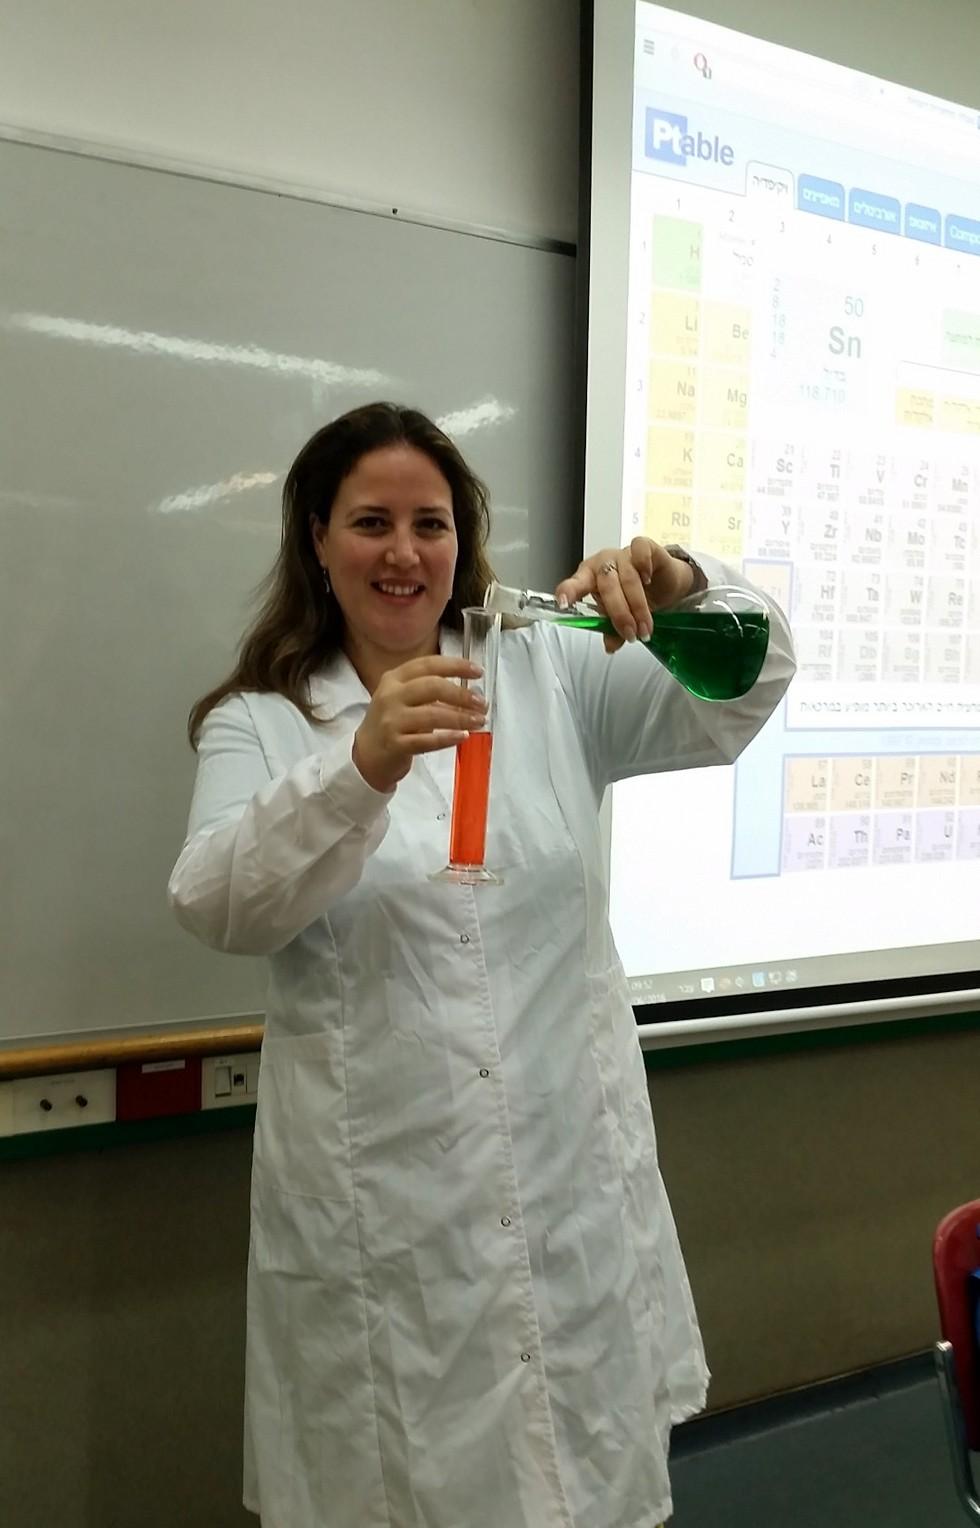 הכימיה היא חלק מחיי היום-יום שלנו (צילום: ראובן קפוצ'ינסקי) (צילום: ראובן קפוצ'ינסקי)